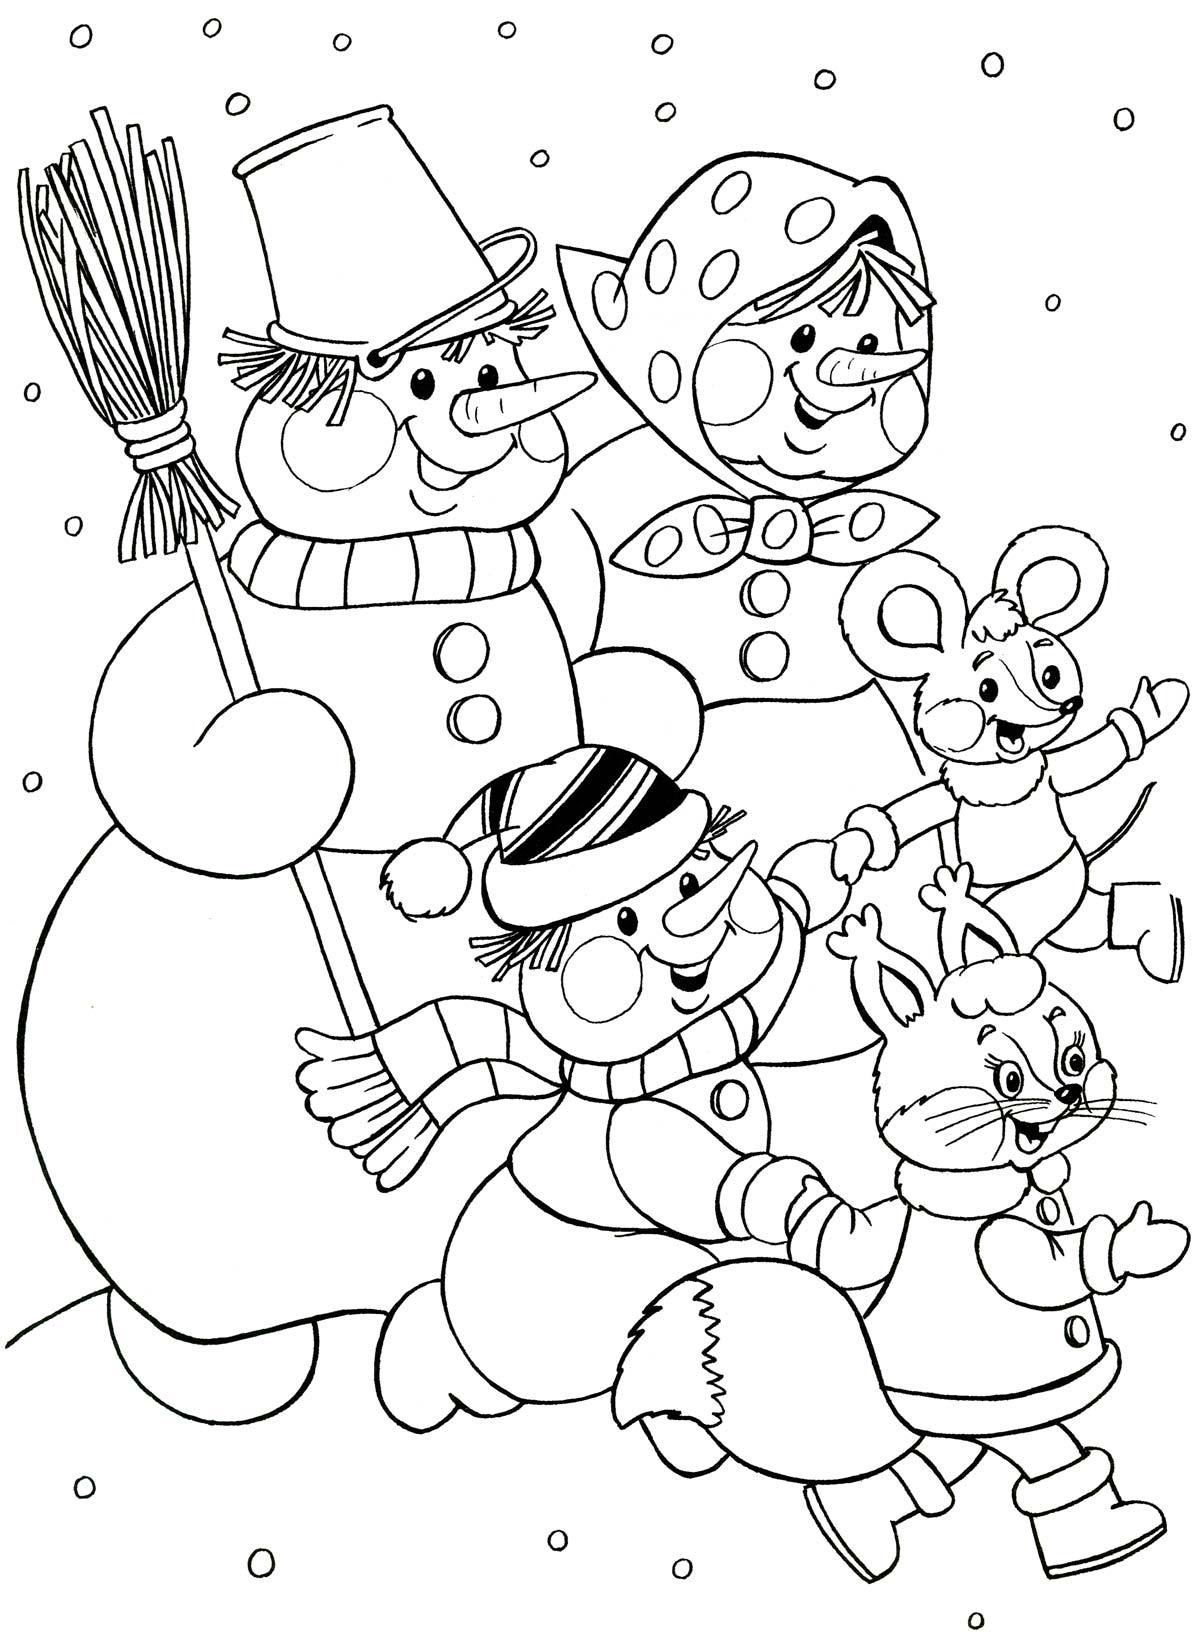 Новый год, веселый хровод Рисунок раскраска на зимнюю тему